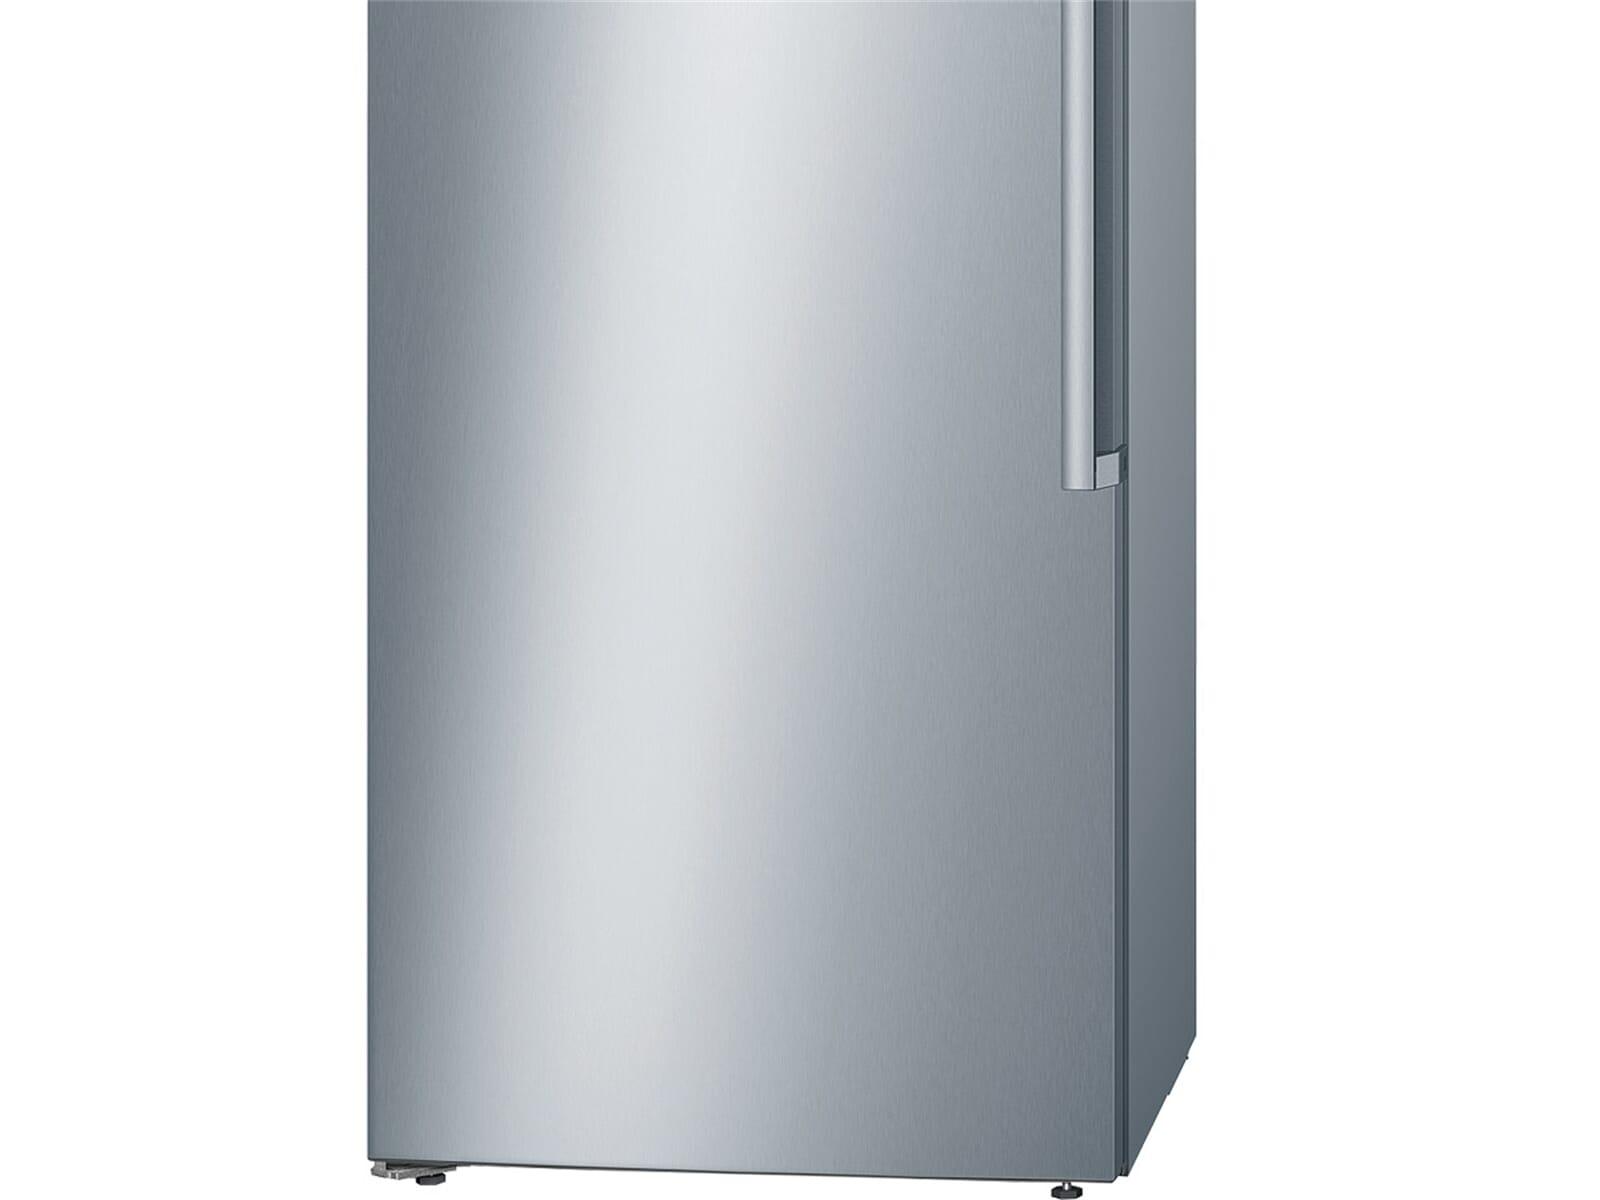 Bomann Kühlschrank Zu Warm : Warm ausen kühlschrank wird shirley l luna